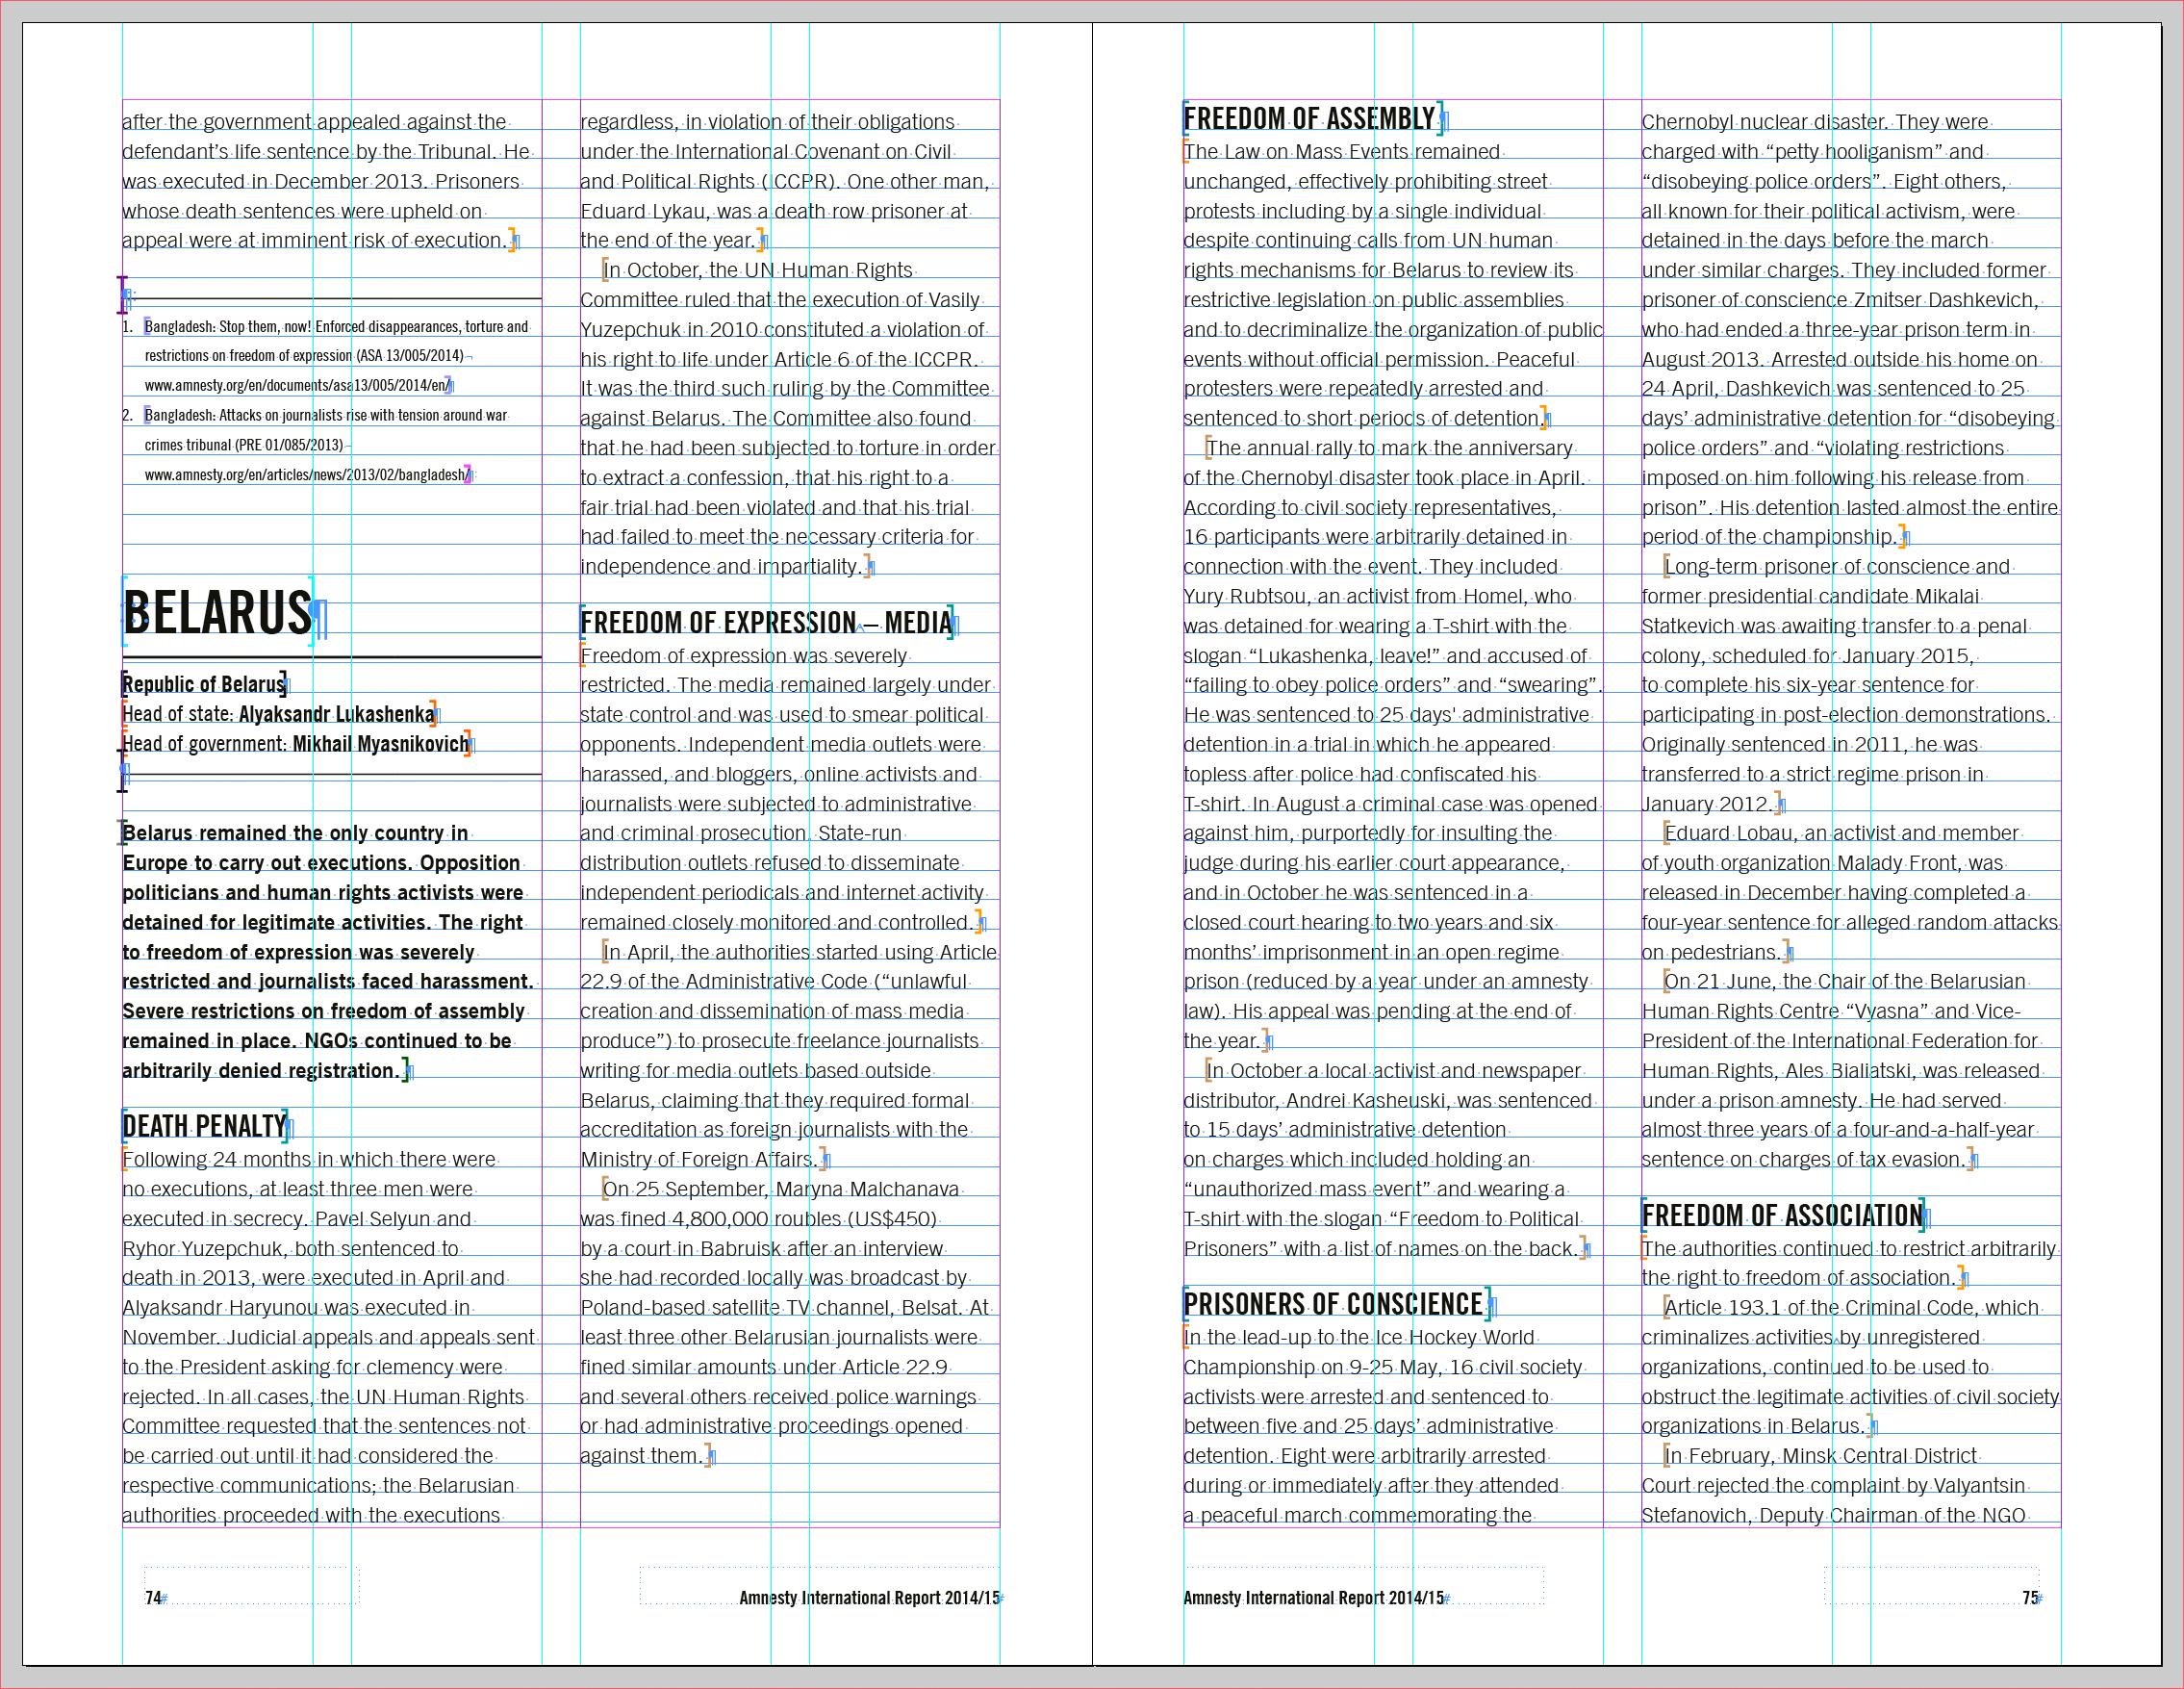 Groß Indesign Xml Vorlage Galerie - Ideen fortsetzen - krynicazdroj.info